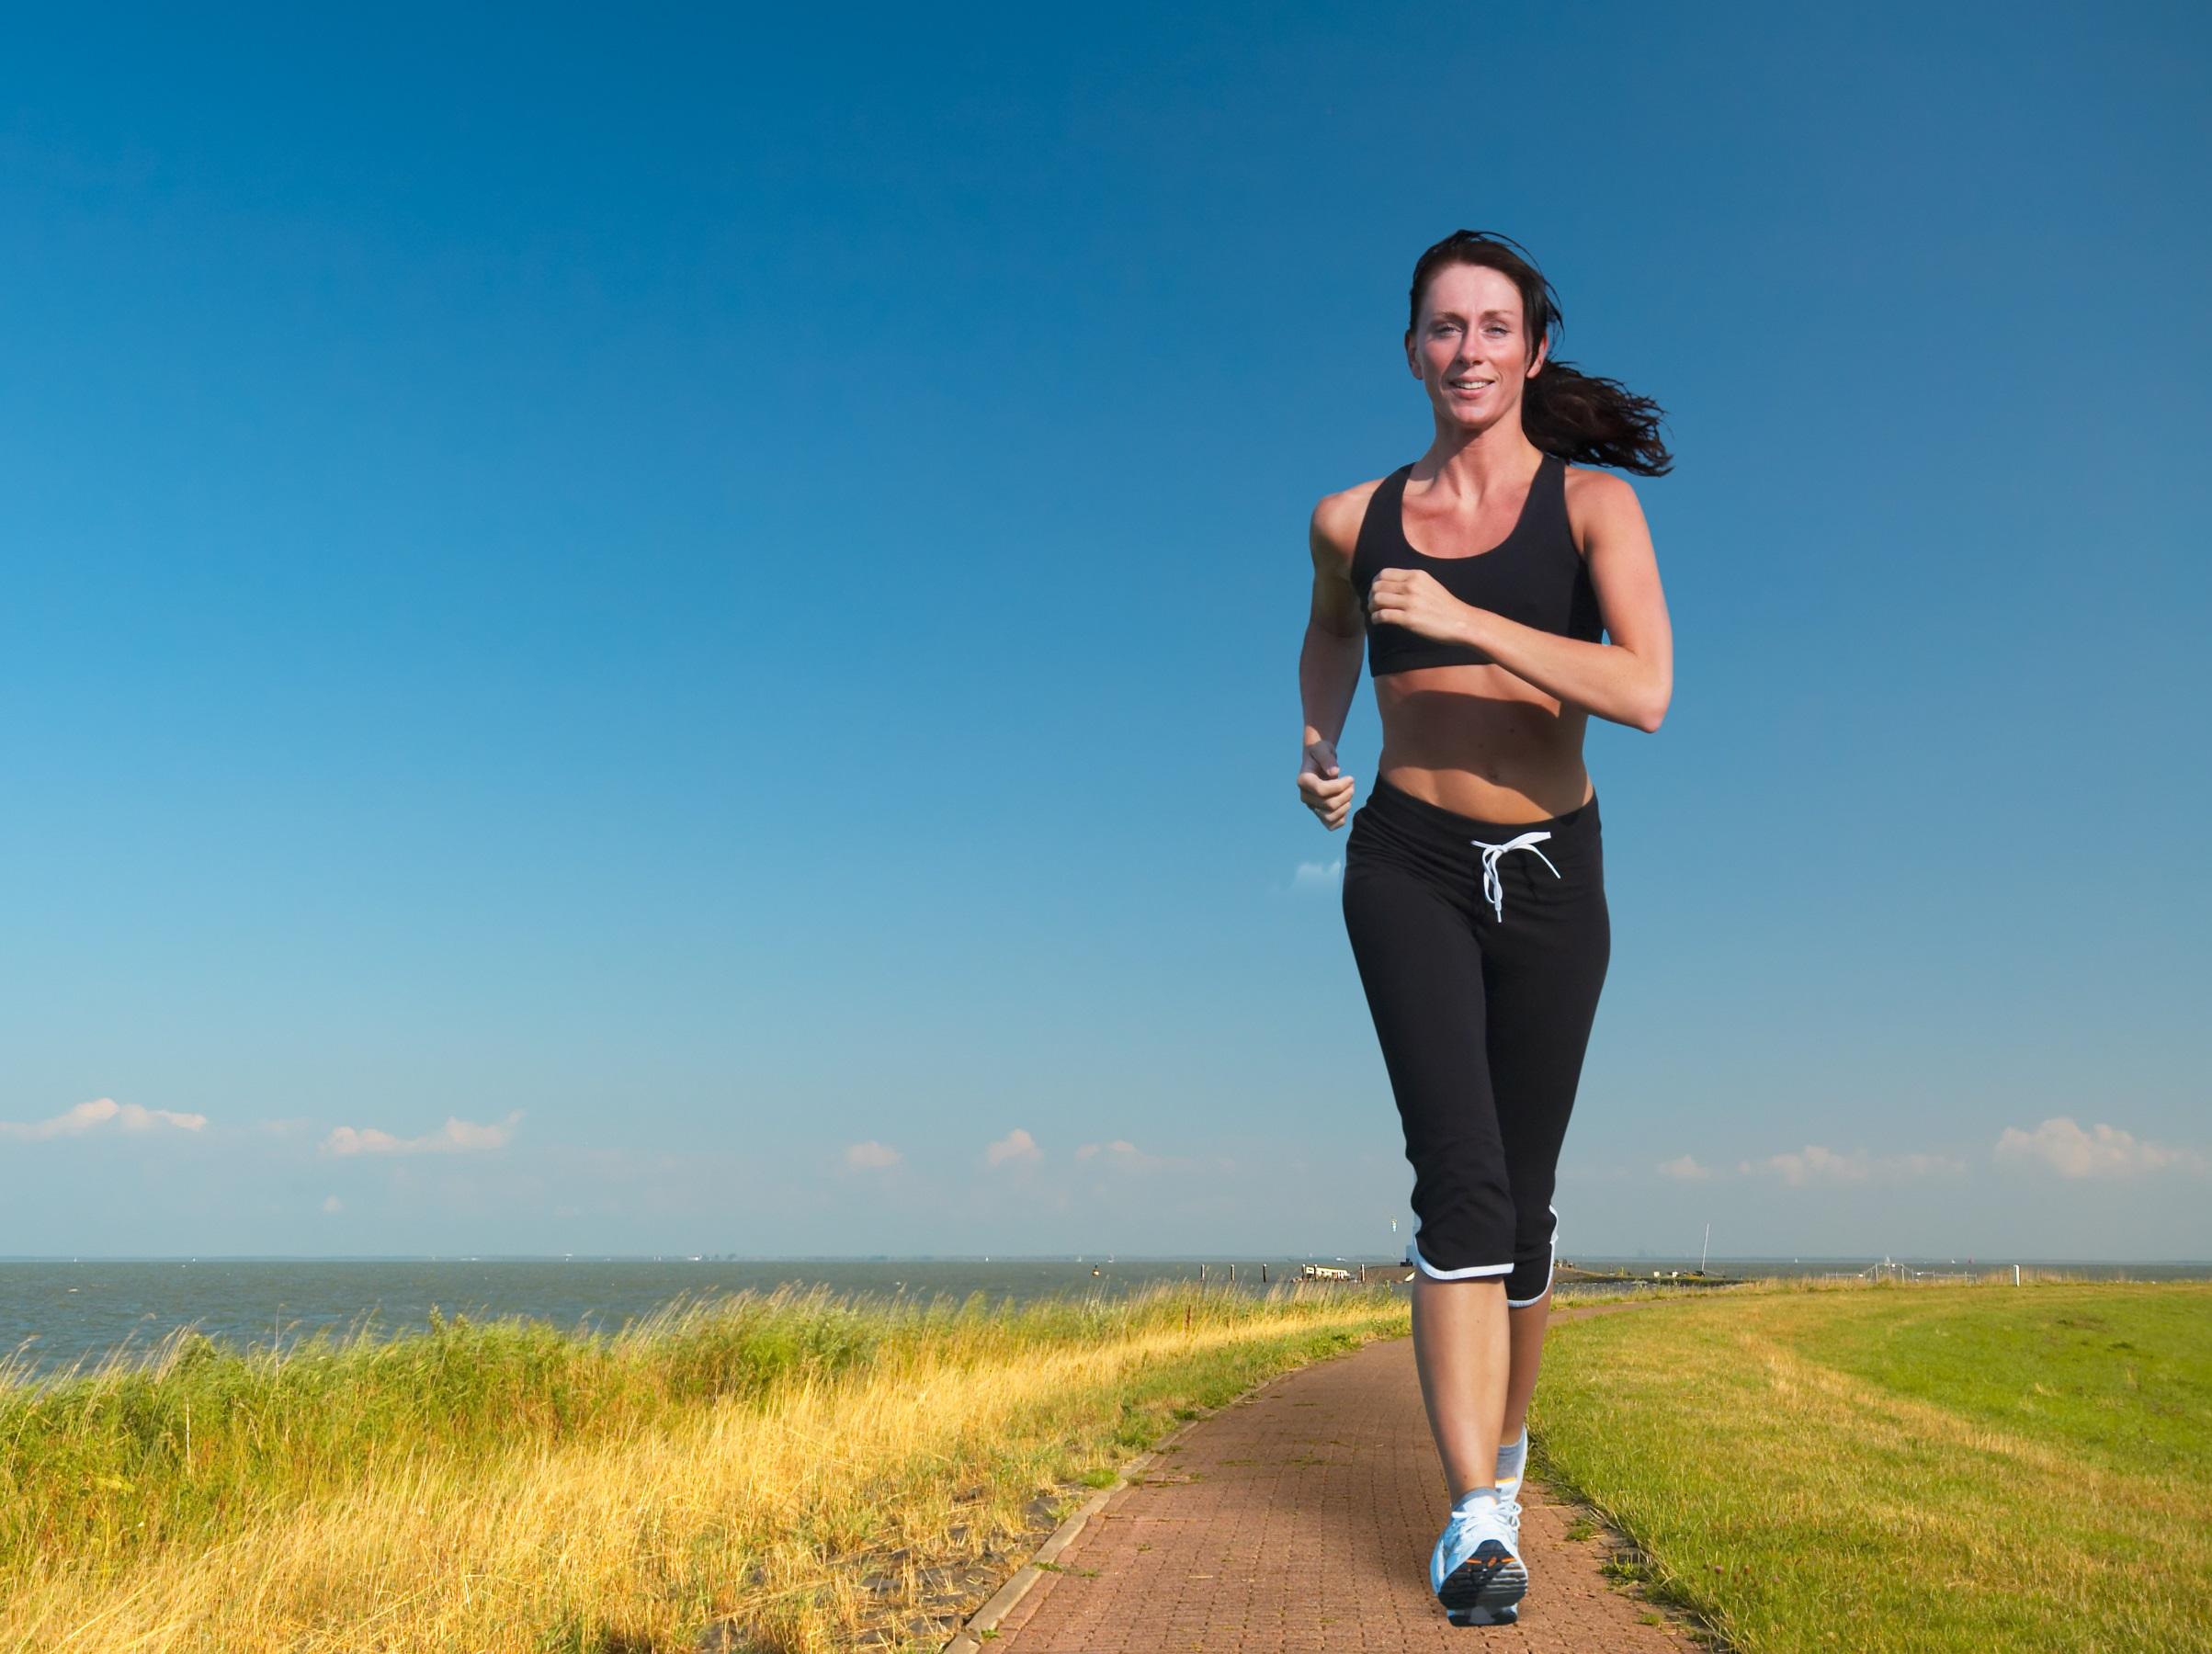 Cuidados essenciais com a atividade física após os 50 anos